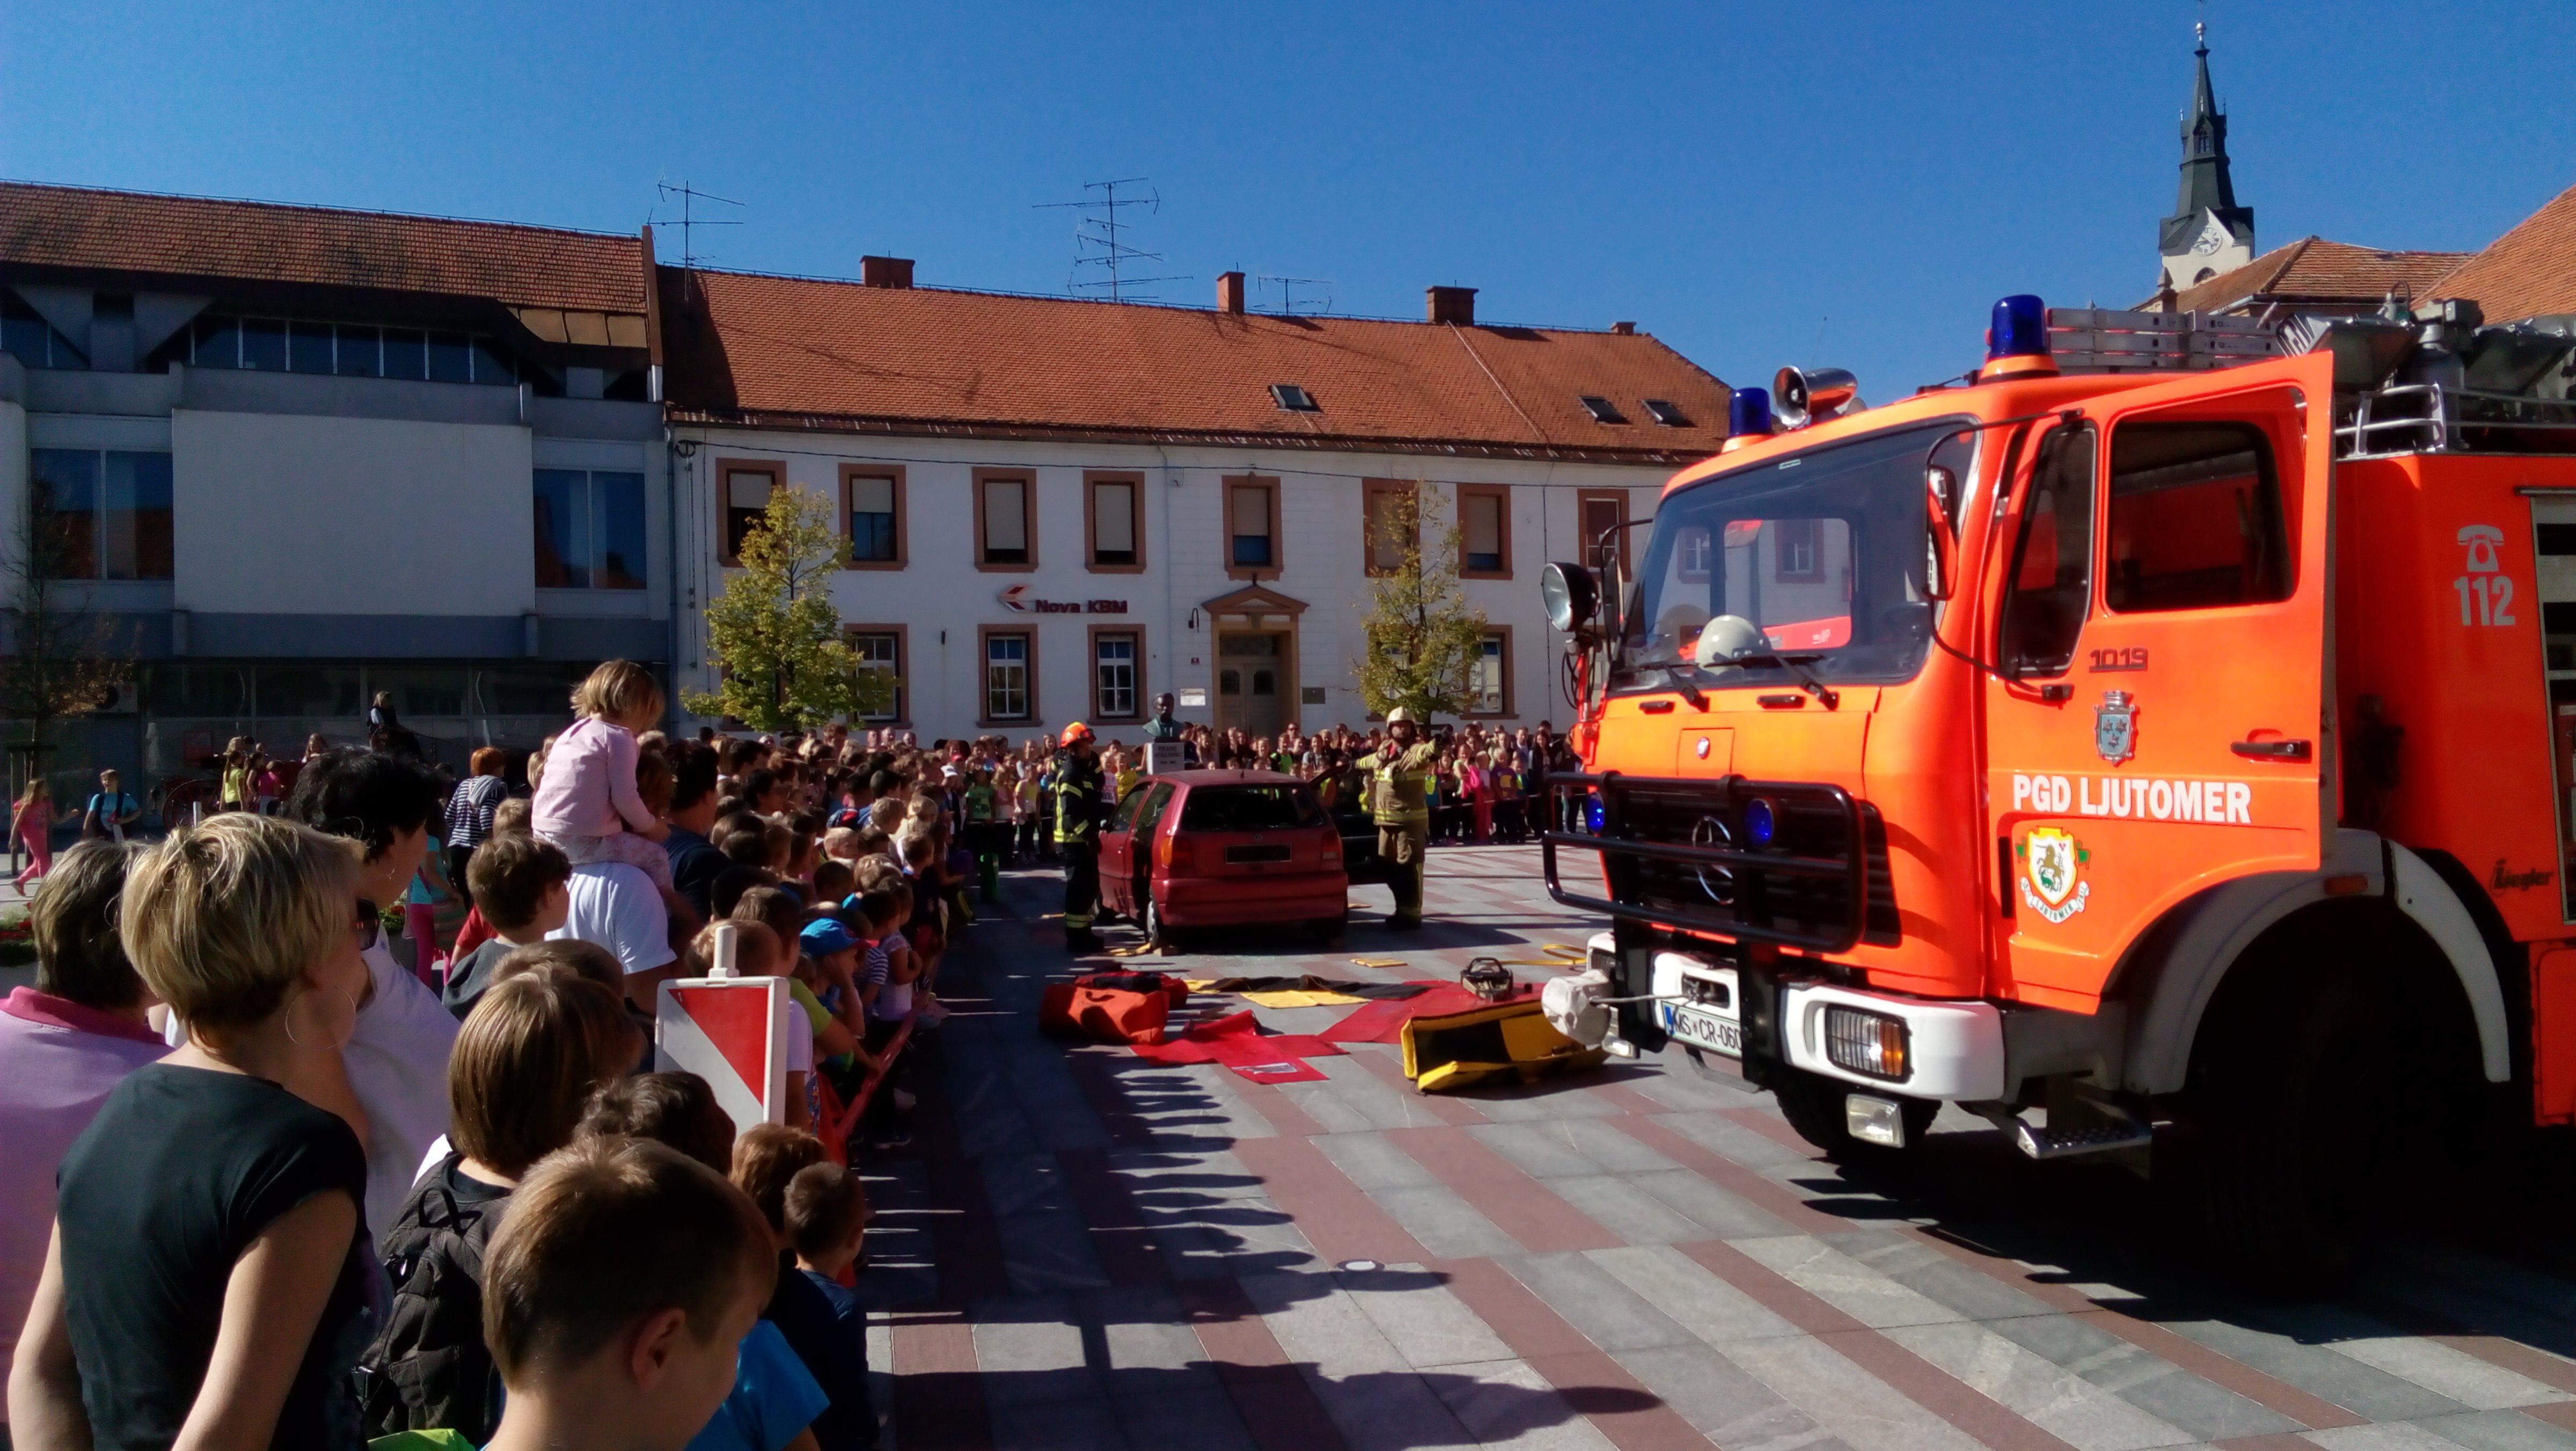 Na Glavnem trgu v Ljutomeru je potekal tudi prikaz reševanja iz avtomobila v primeru prometne nesreče